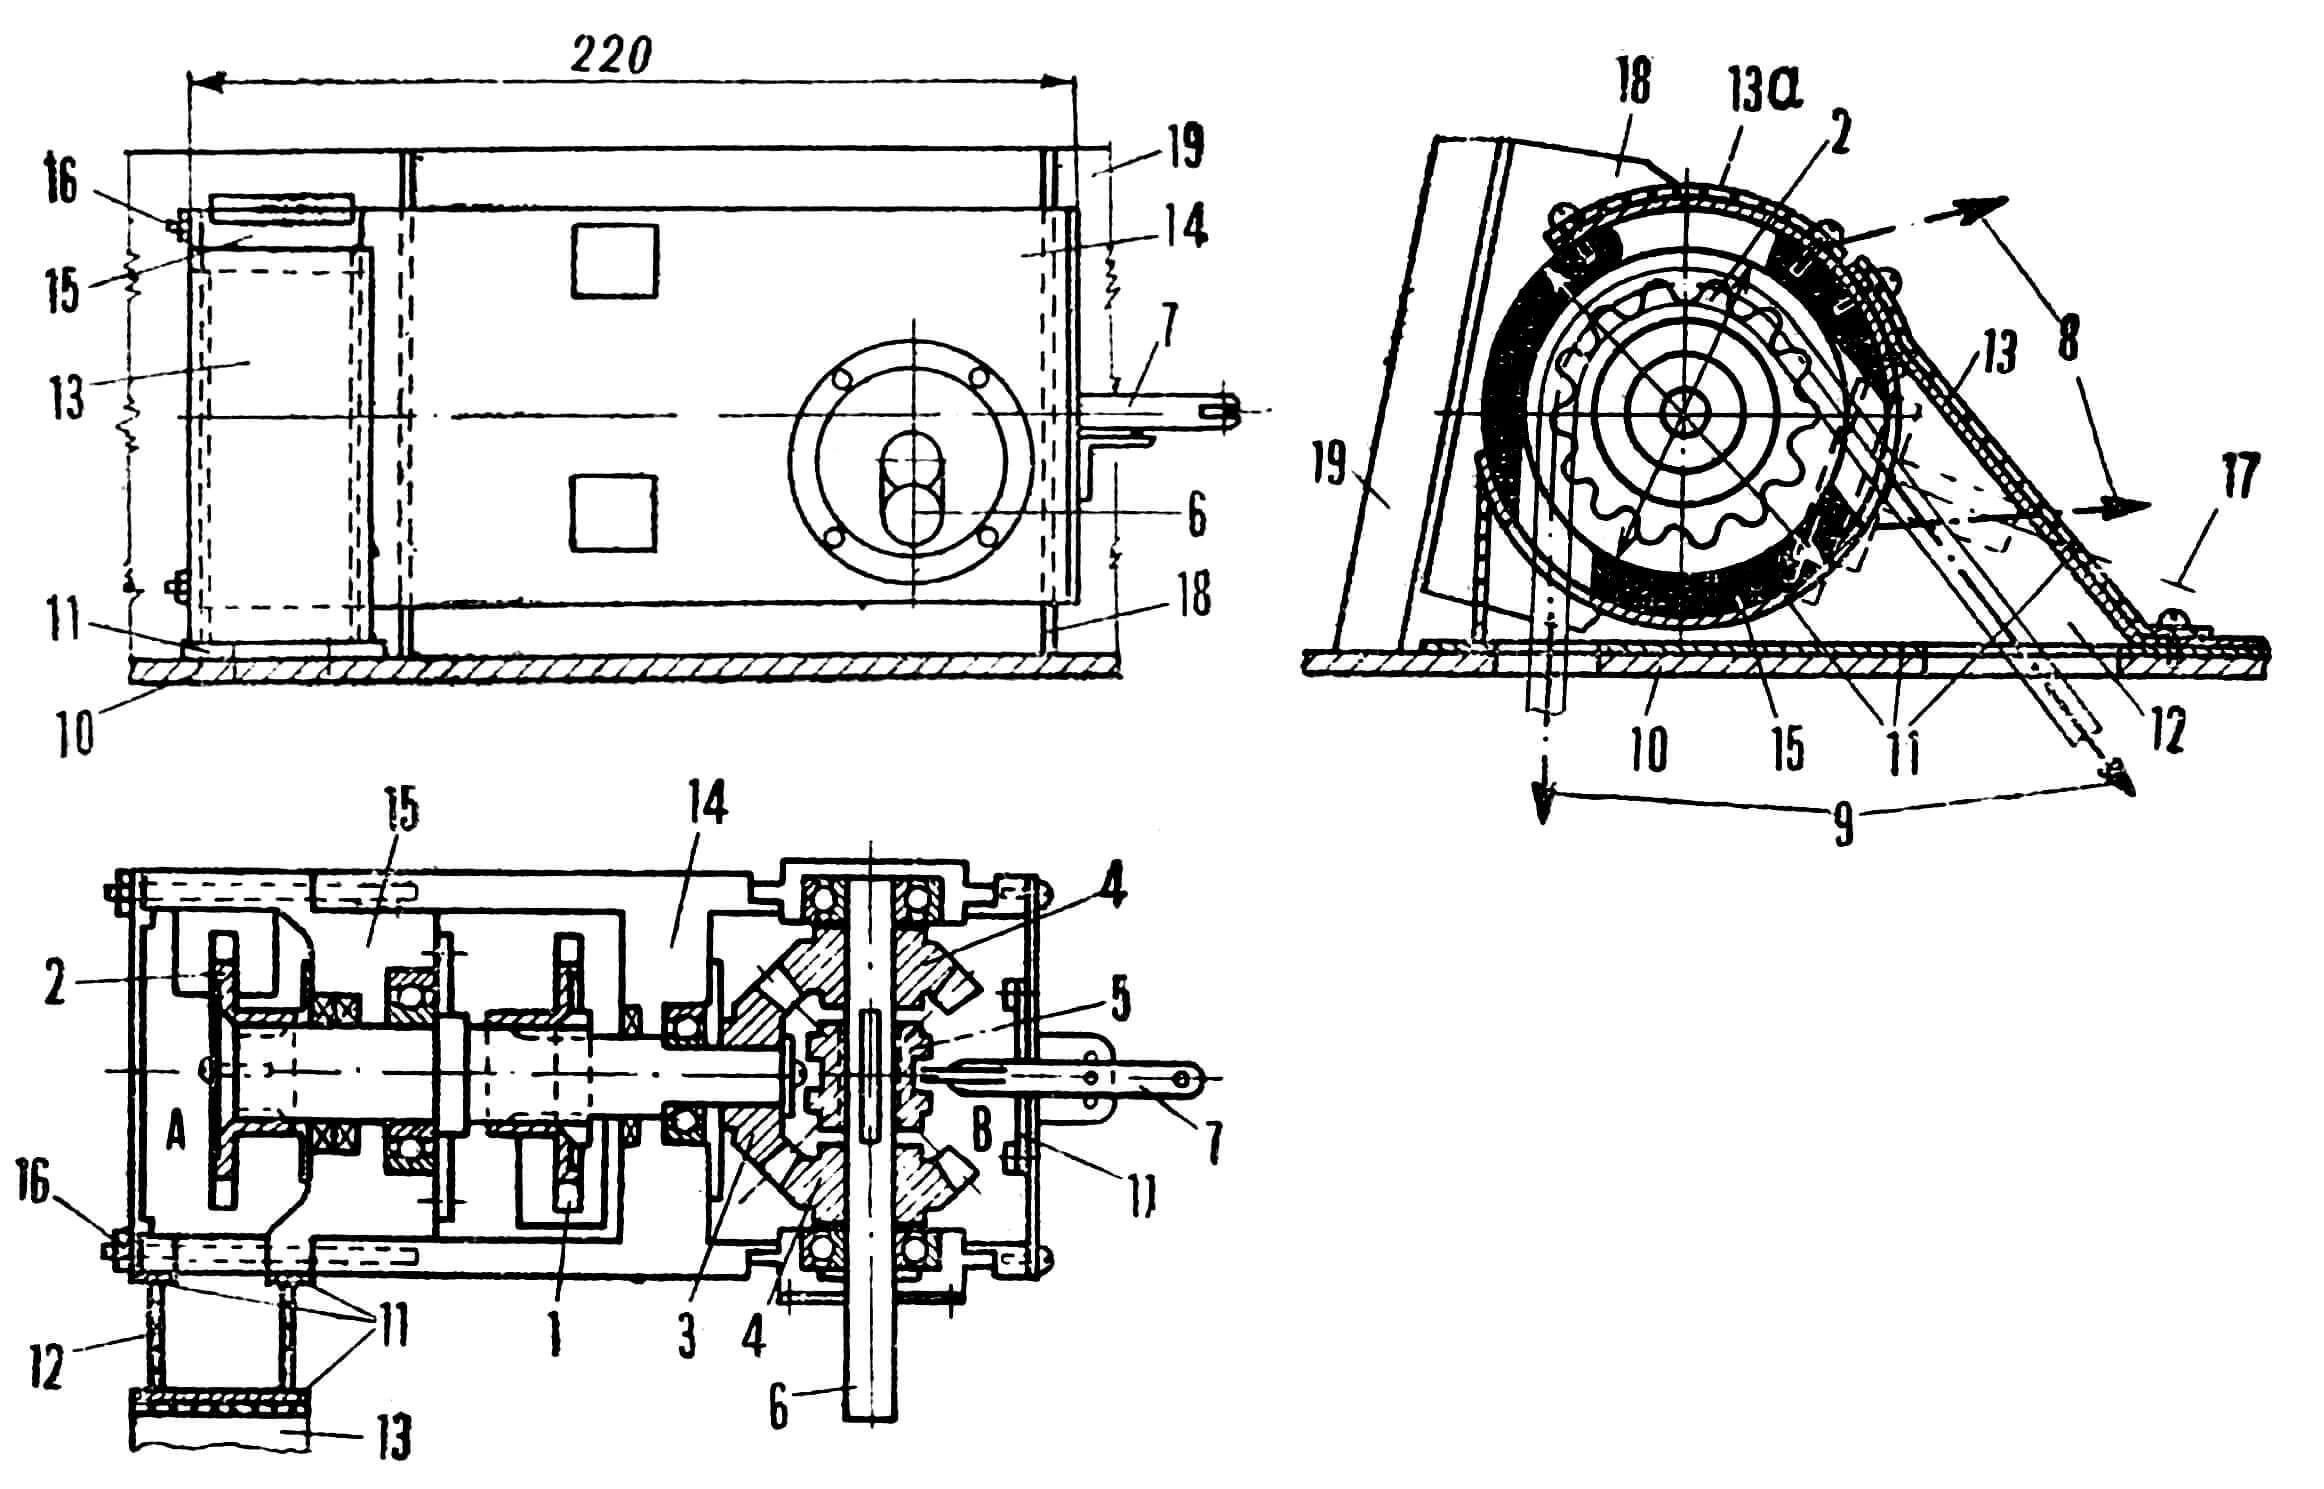 Рис. 5. Раздаточная коробка: 1 — ведущая звездочка раздаточной коробки цепной передачи к двигателю; 2 — ведомая звездочка раздаточной коробки цепной передачи к дифференциалу; 3 — ведущая коническая шестерня; 4 — ведомые конические шестерни; 5 — храповик нейтрали и переключения направления вращения вала передачи на гребной винт; 6 — вал передачи к гребному винту; 7 — рычаг переключения направления вращения гребного винта; 8 — осевые направления цепной передачи к двигателю; 9 — осевые направления цепной передачи к дифференциалу; 10 — обшивка днища; 11 — уплотнительный слой мягкой (пористой) маслостойкой резины; 12 — кожух цепной передачи к дифференциалу; 13 — съемная часть (крышка) кожуха; 13. а — крышка смотрового отверстия; 14,15 — части картера; 16 — шпильки, стягивающие отдельные части картера; 17 — осевая линия вала гребного винта; 18 — посадочное гнездо картера; 19 — сечение ветви шпангоута № 7.